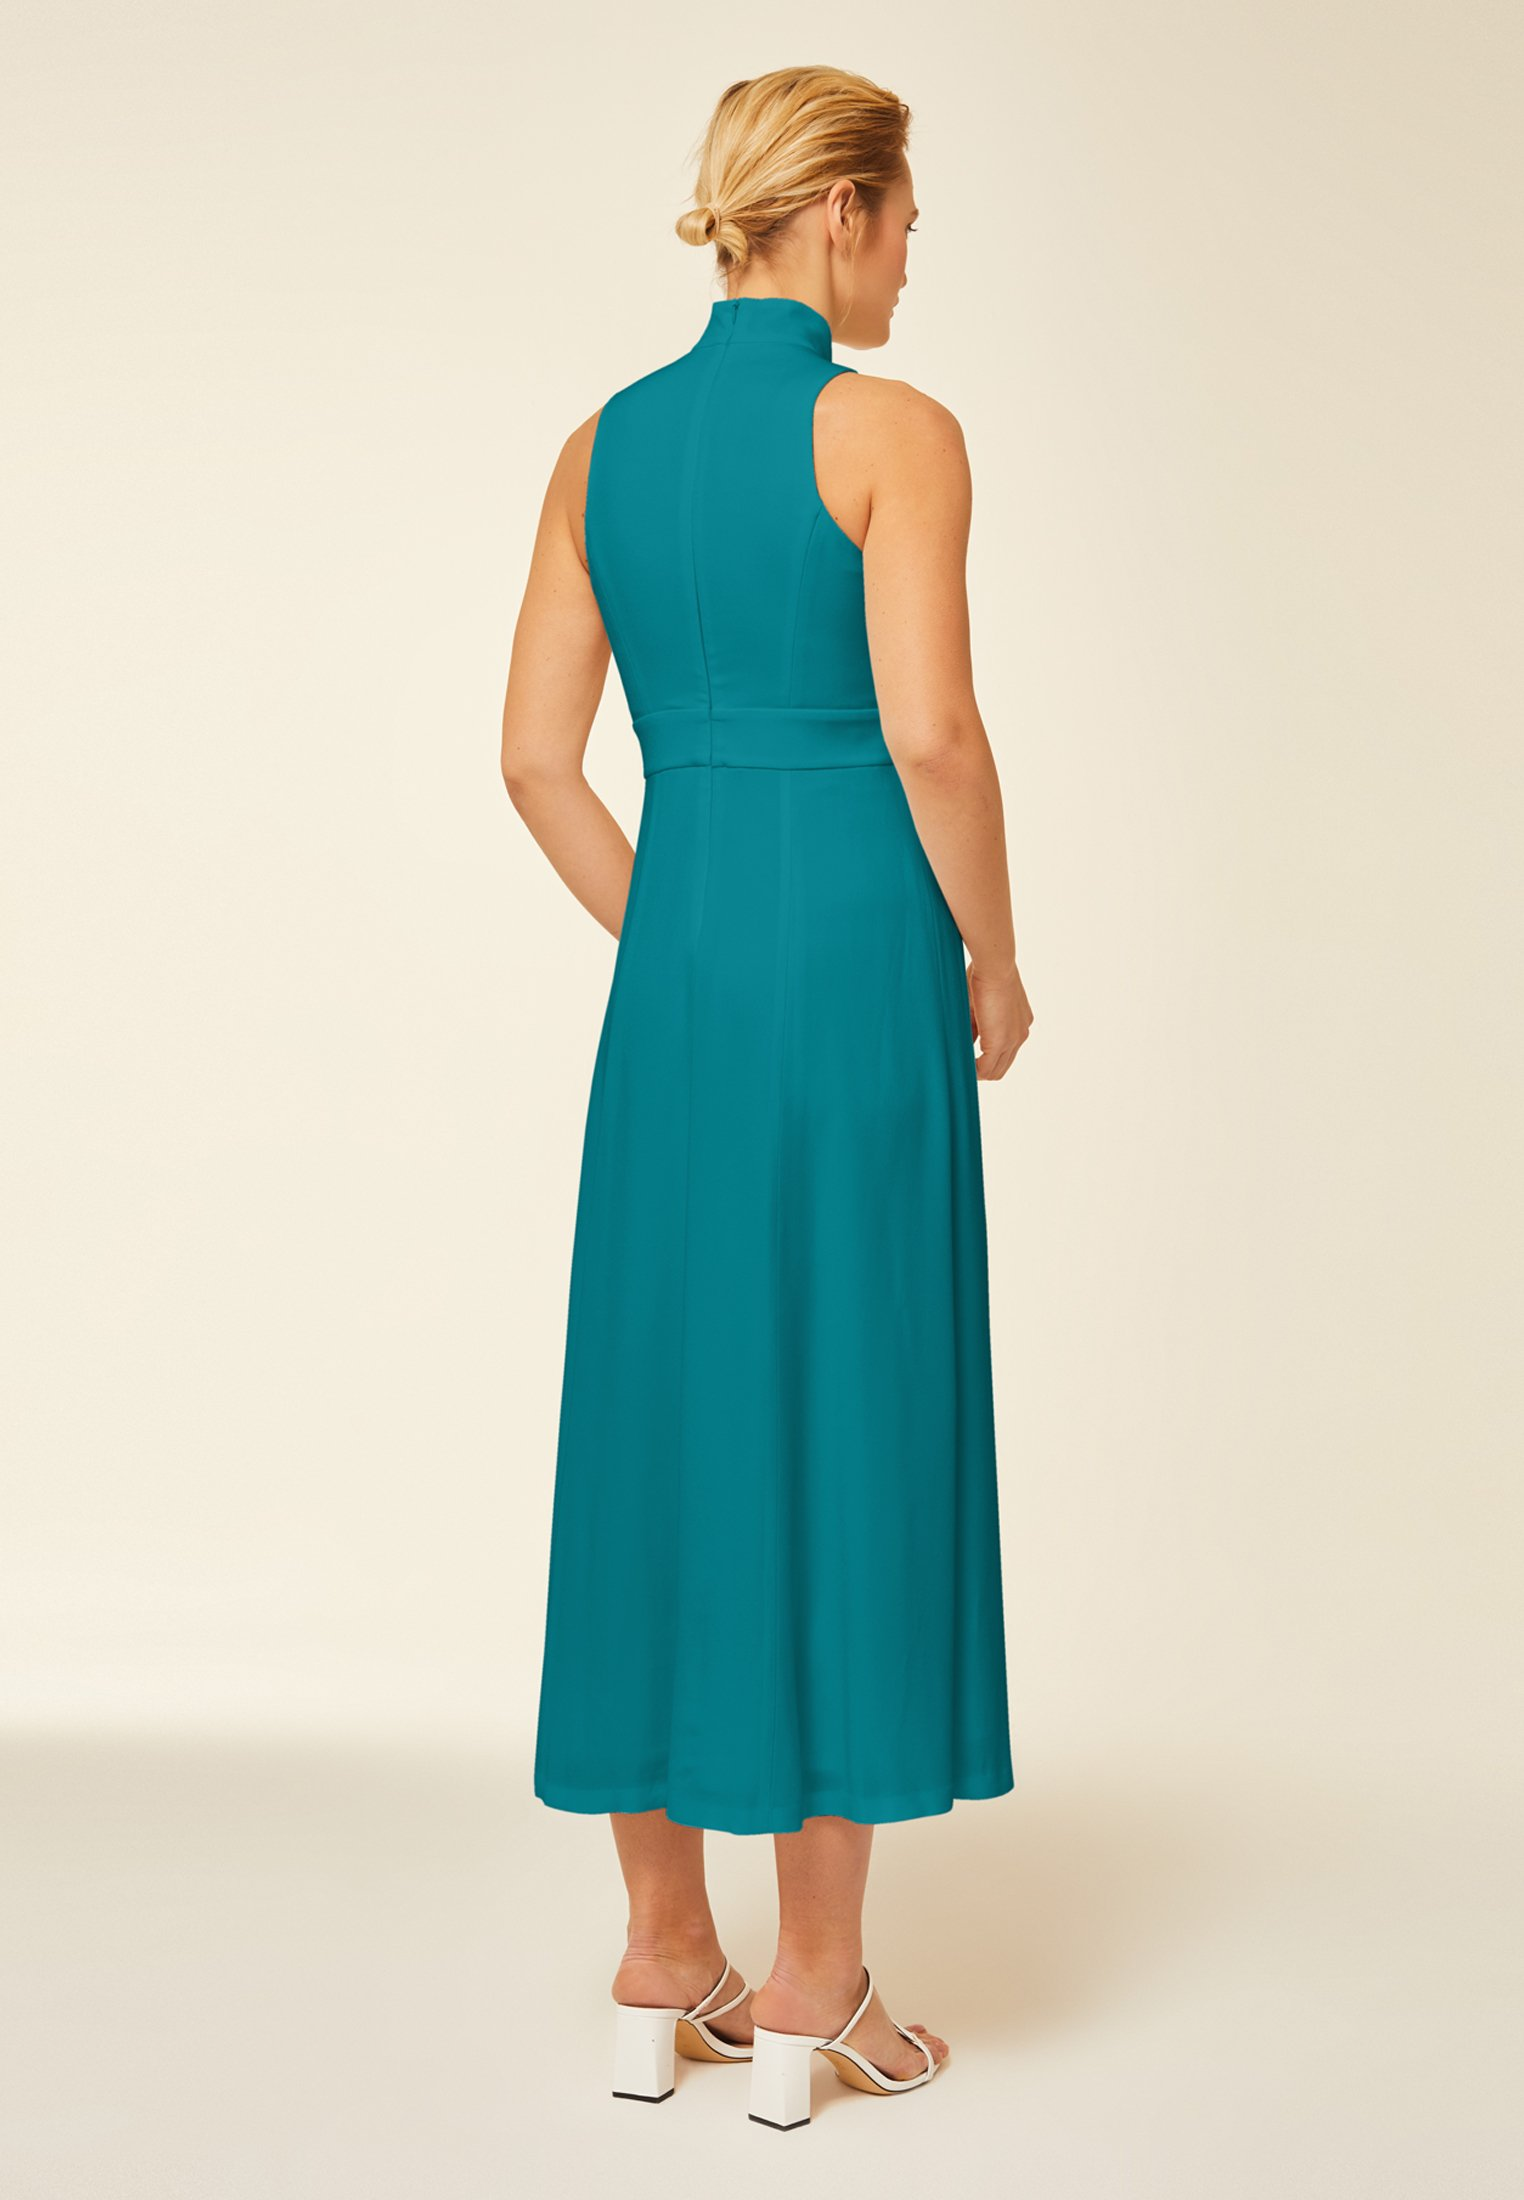 IVY & OAK MIT STEHKRAGEN Ballkleid turquoise blue/türkis